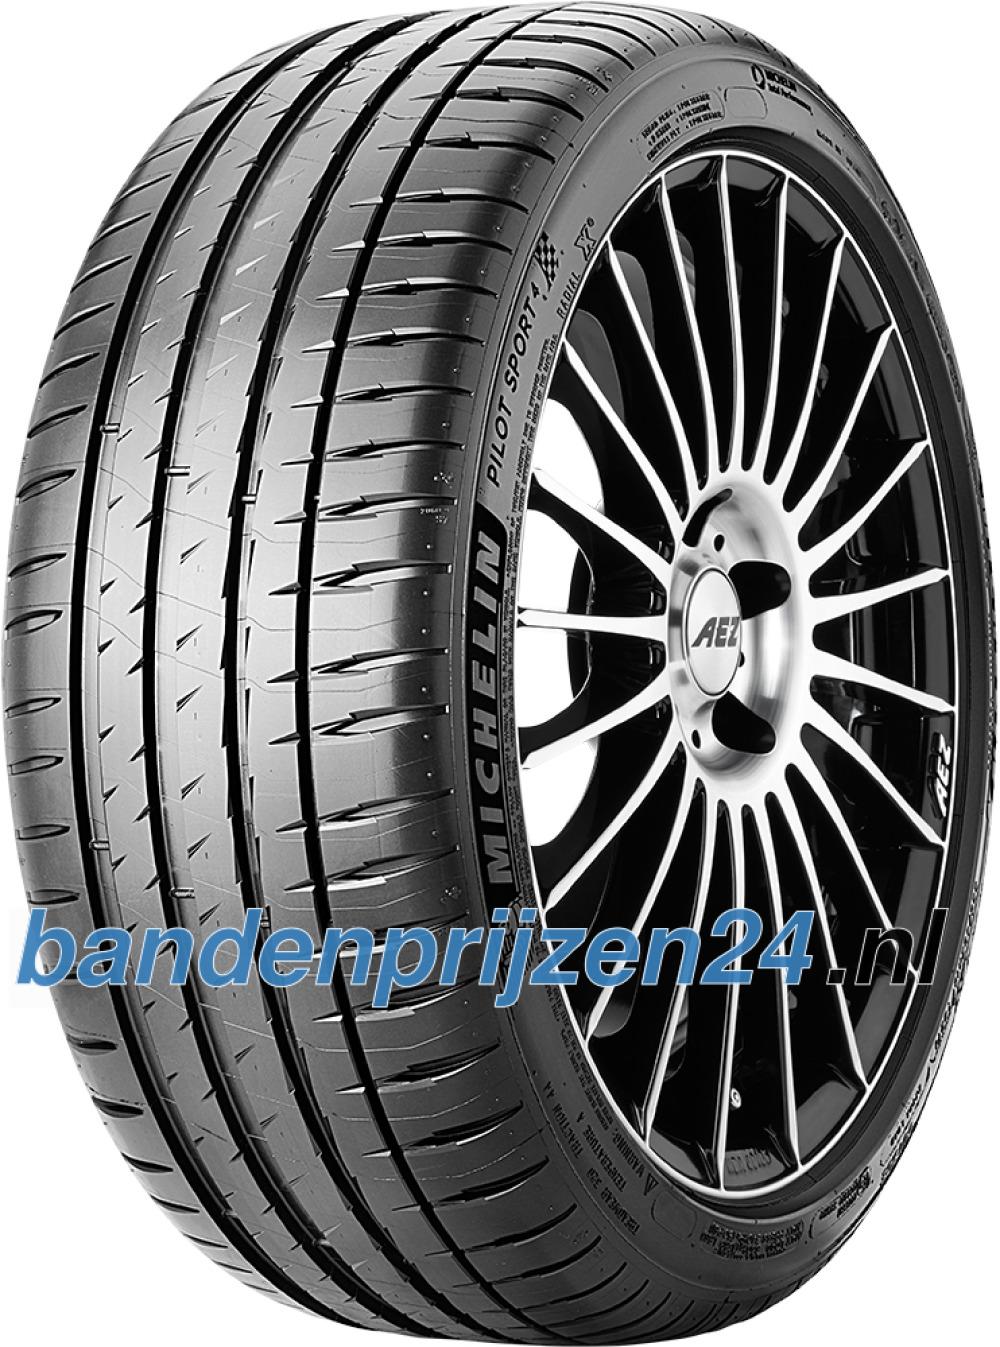 Michelin Pilot Sport 4 ( 225/40 ZR19 (93Y) XL met wangbescherming (FSL) )